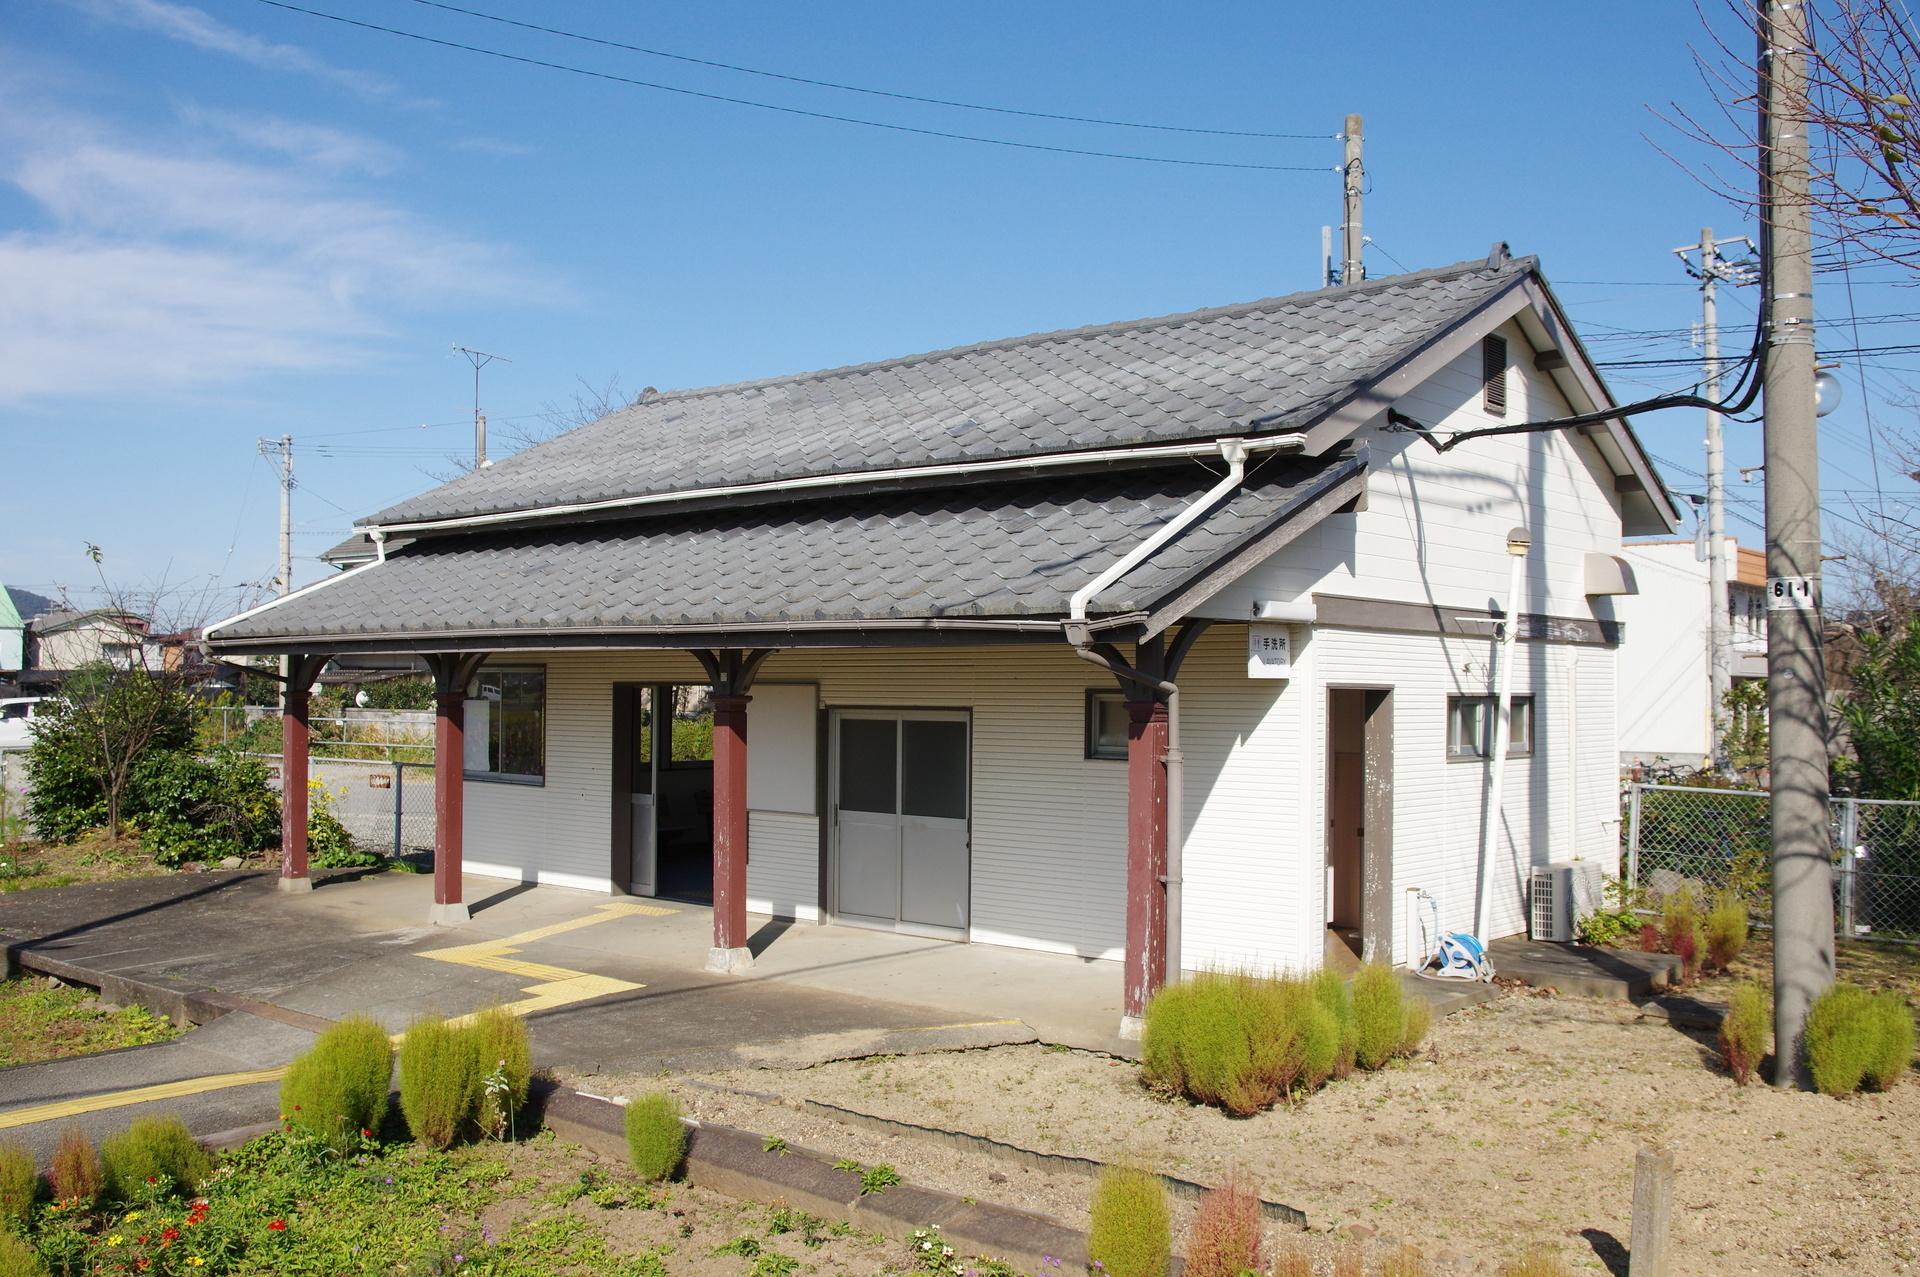 ホーム側から見た駅舎